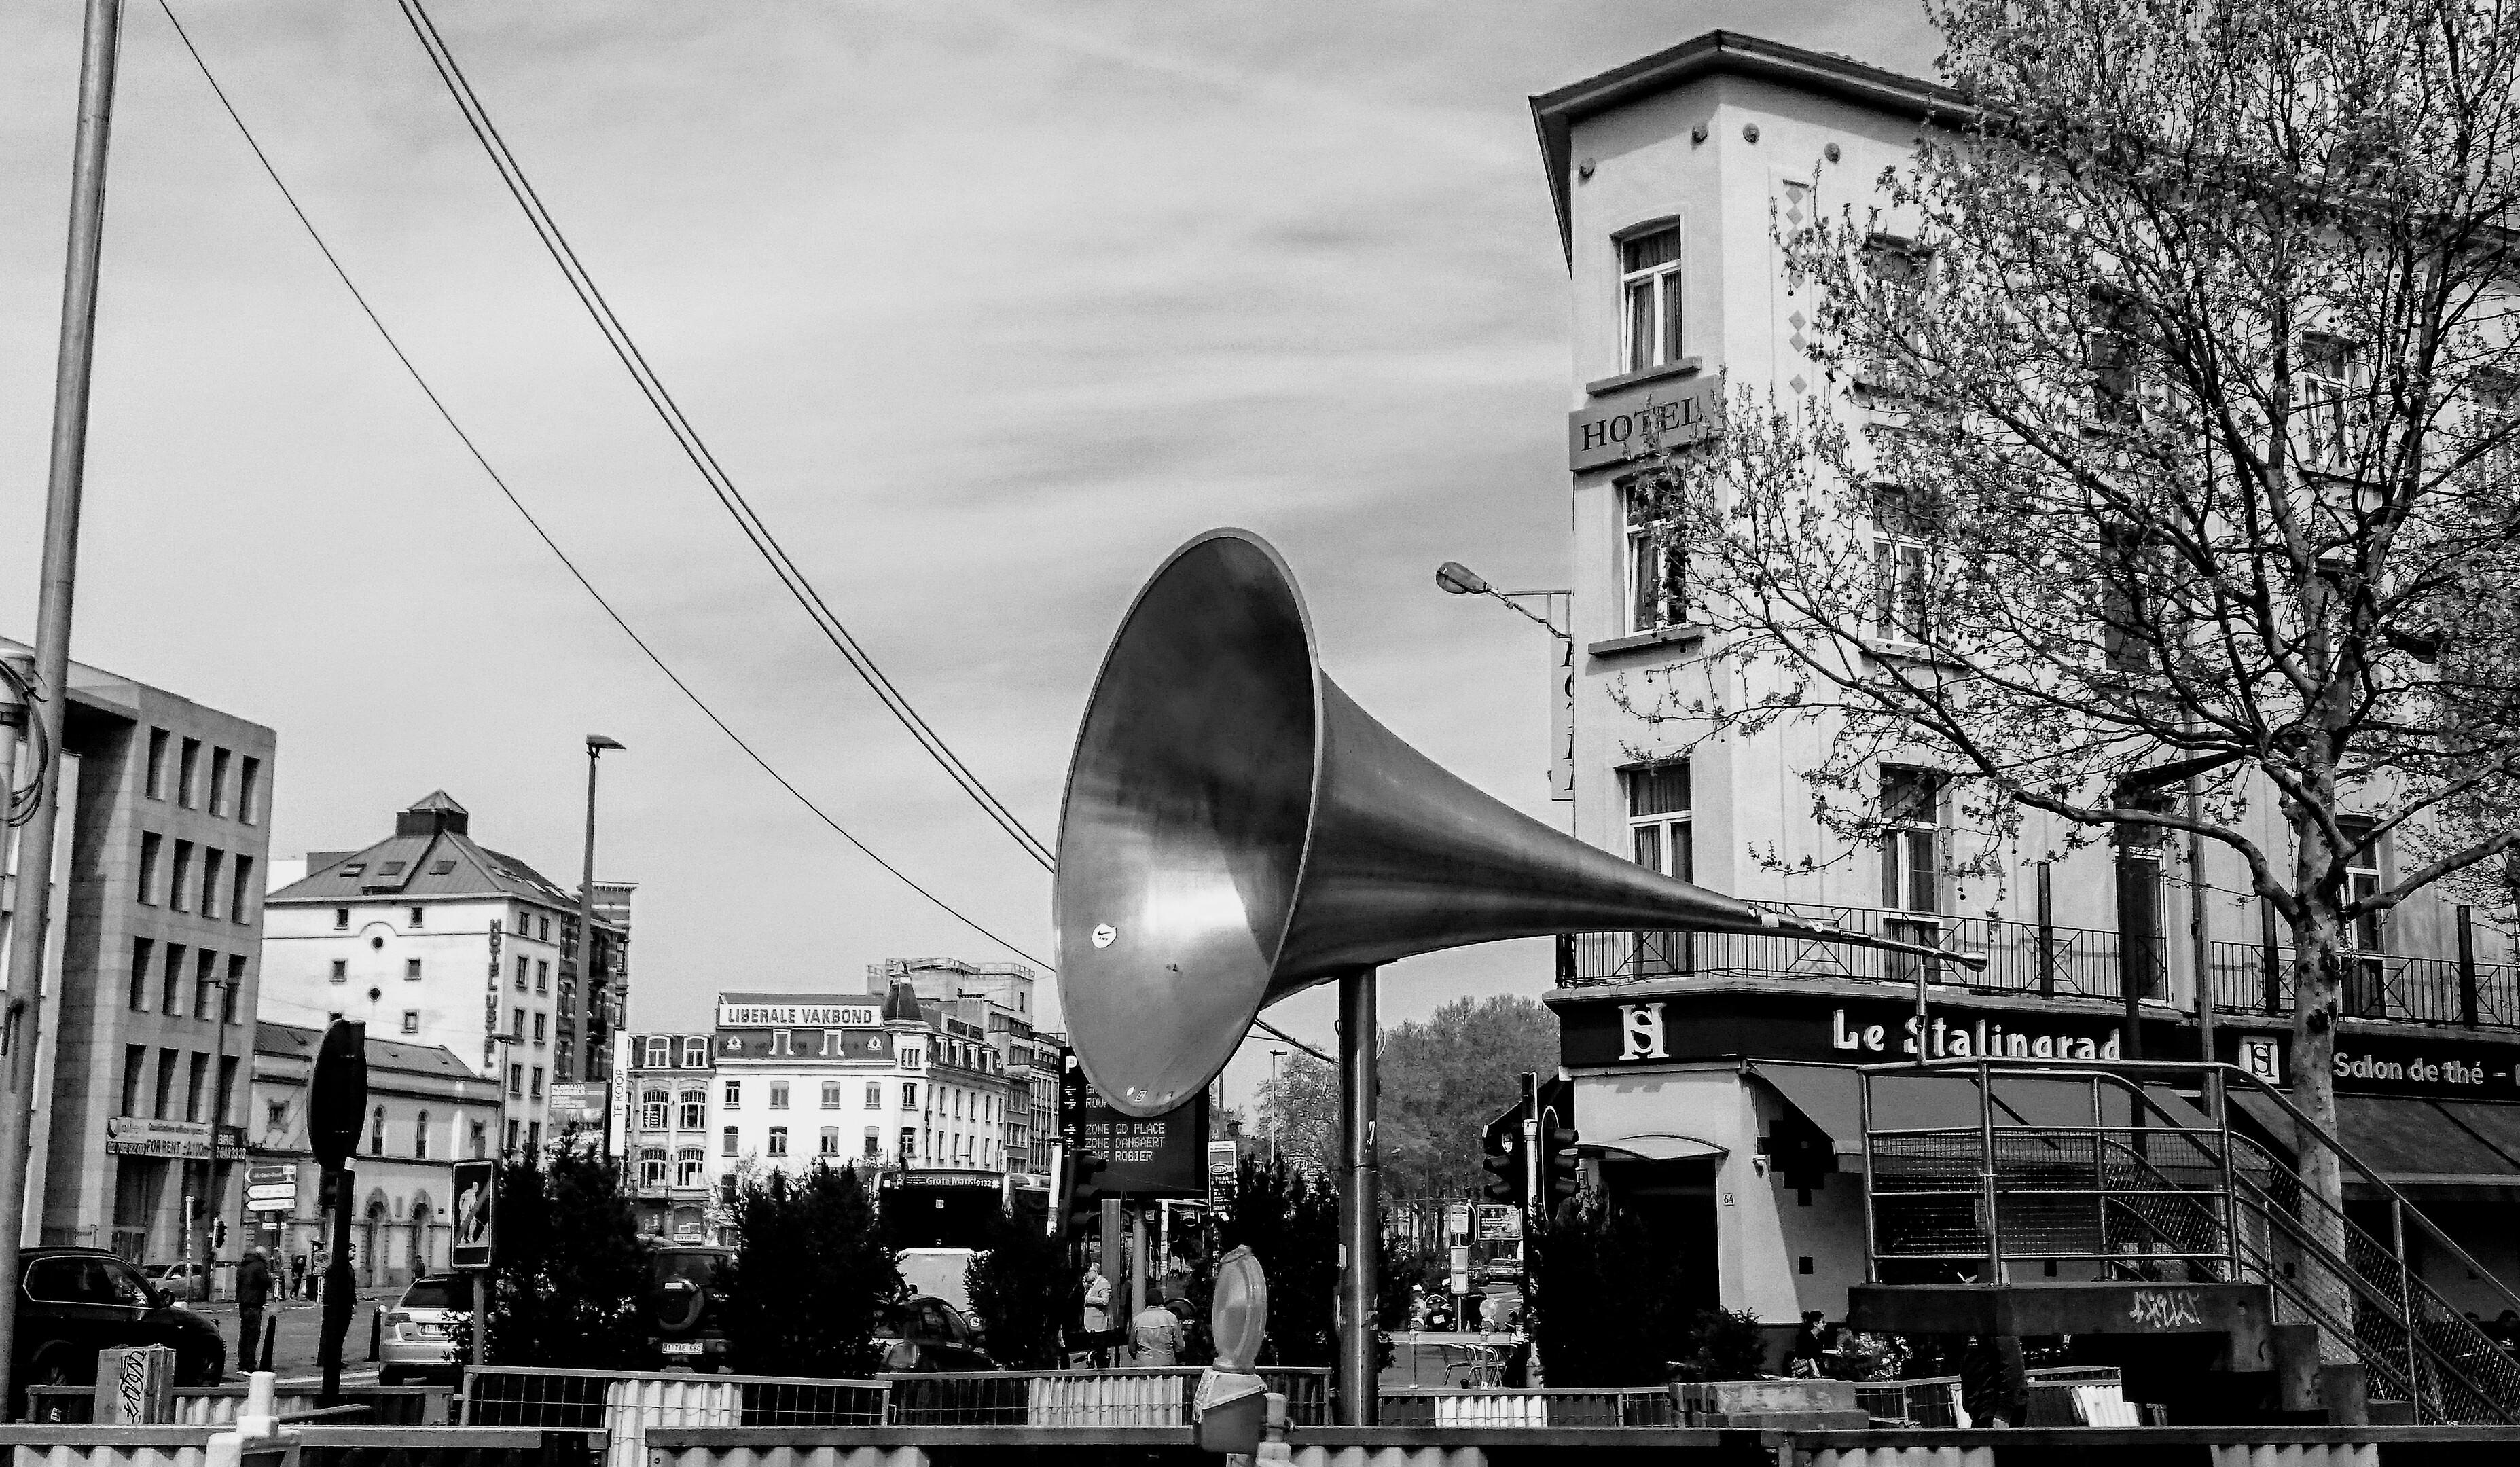 Pasionaria, Brussels, megaphone, art, sculpture, Avenue Stalingrad, Belgium, sound